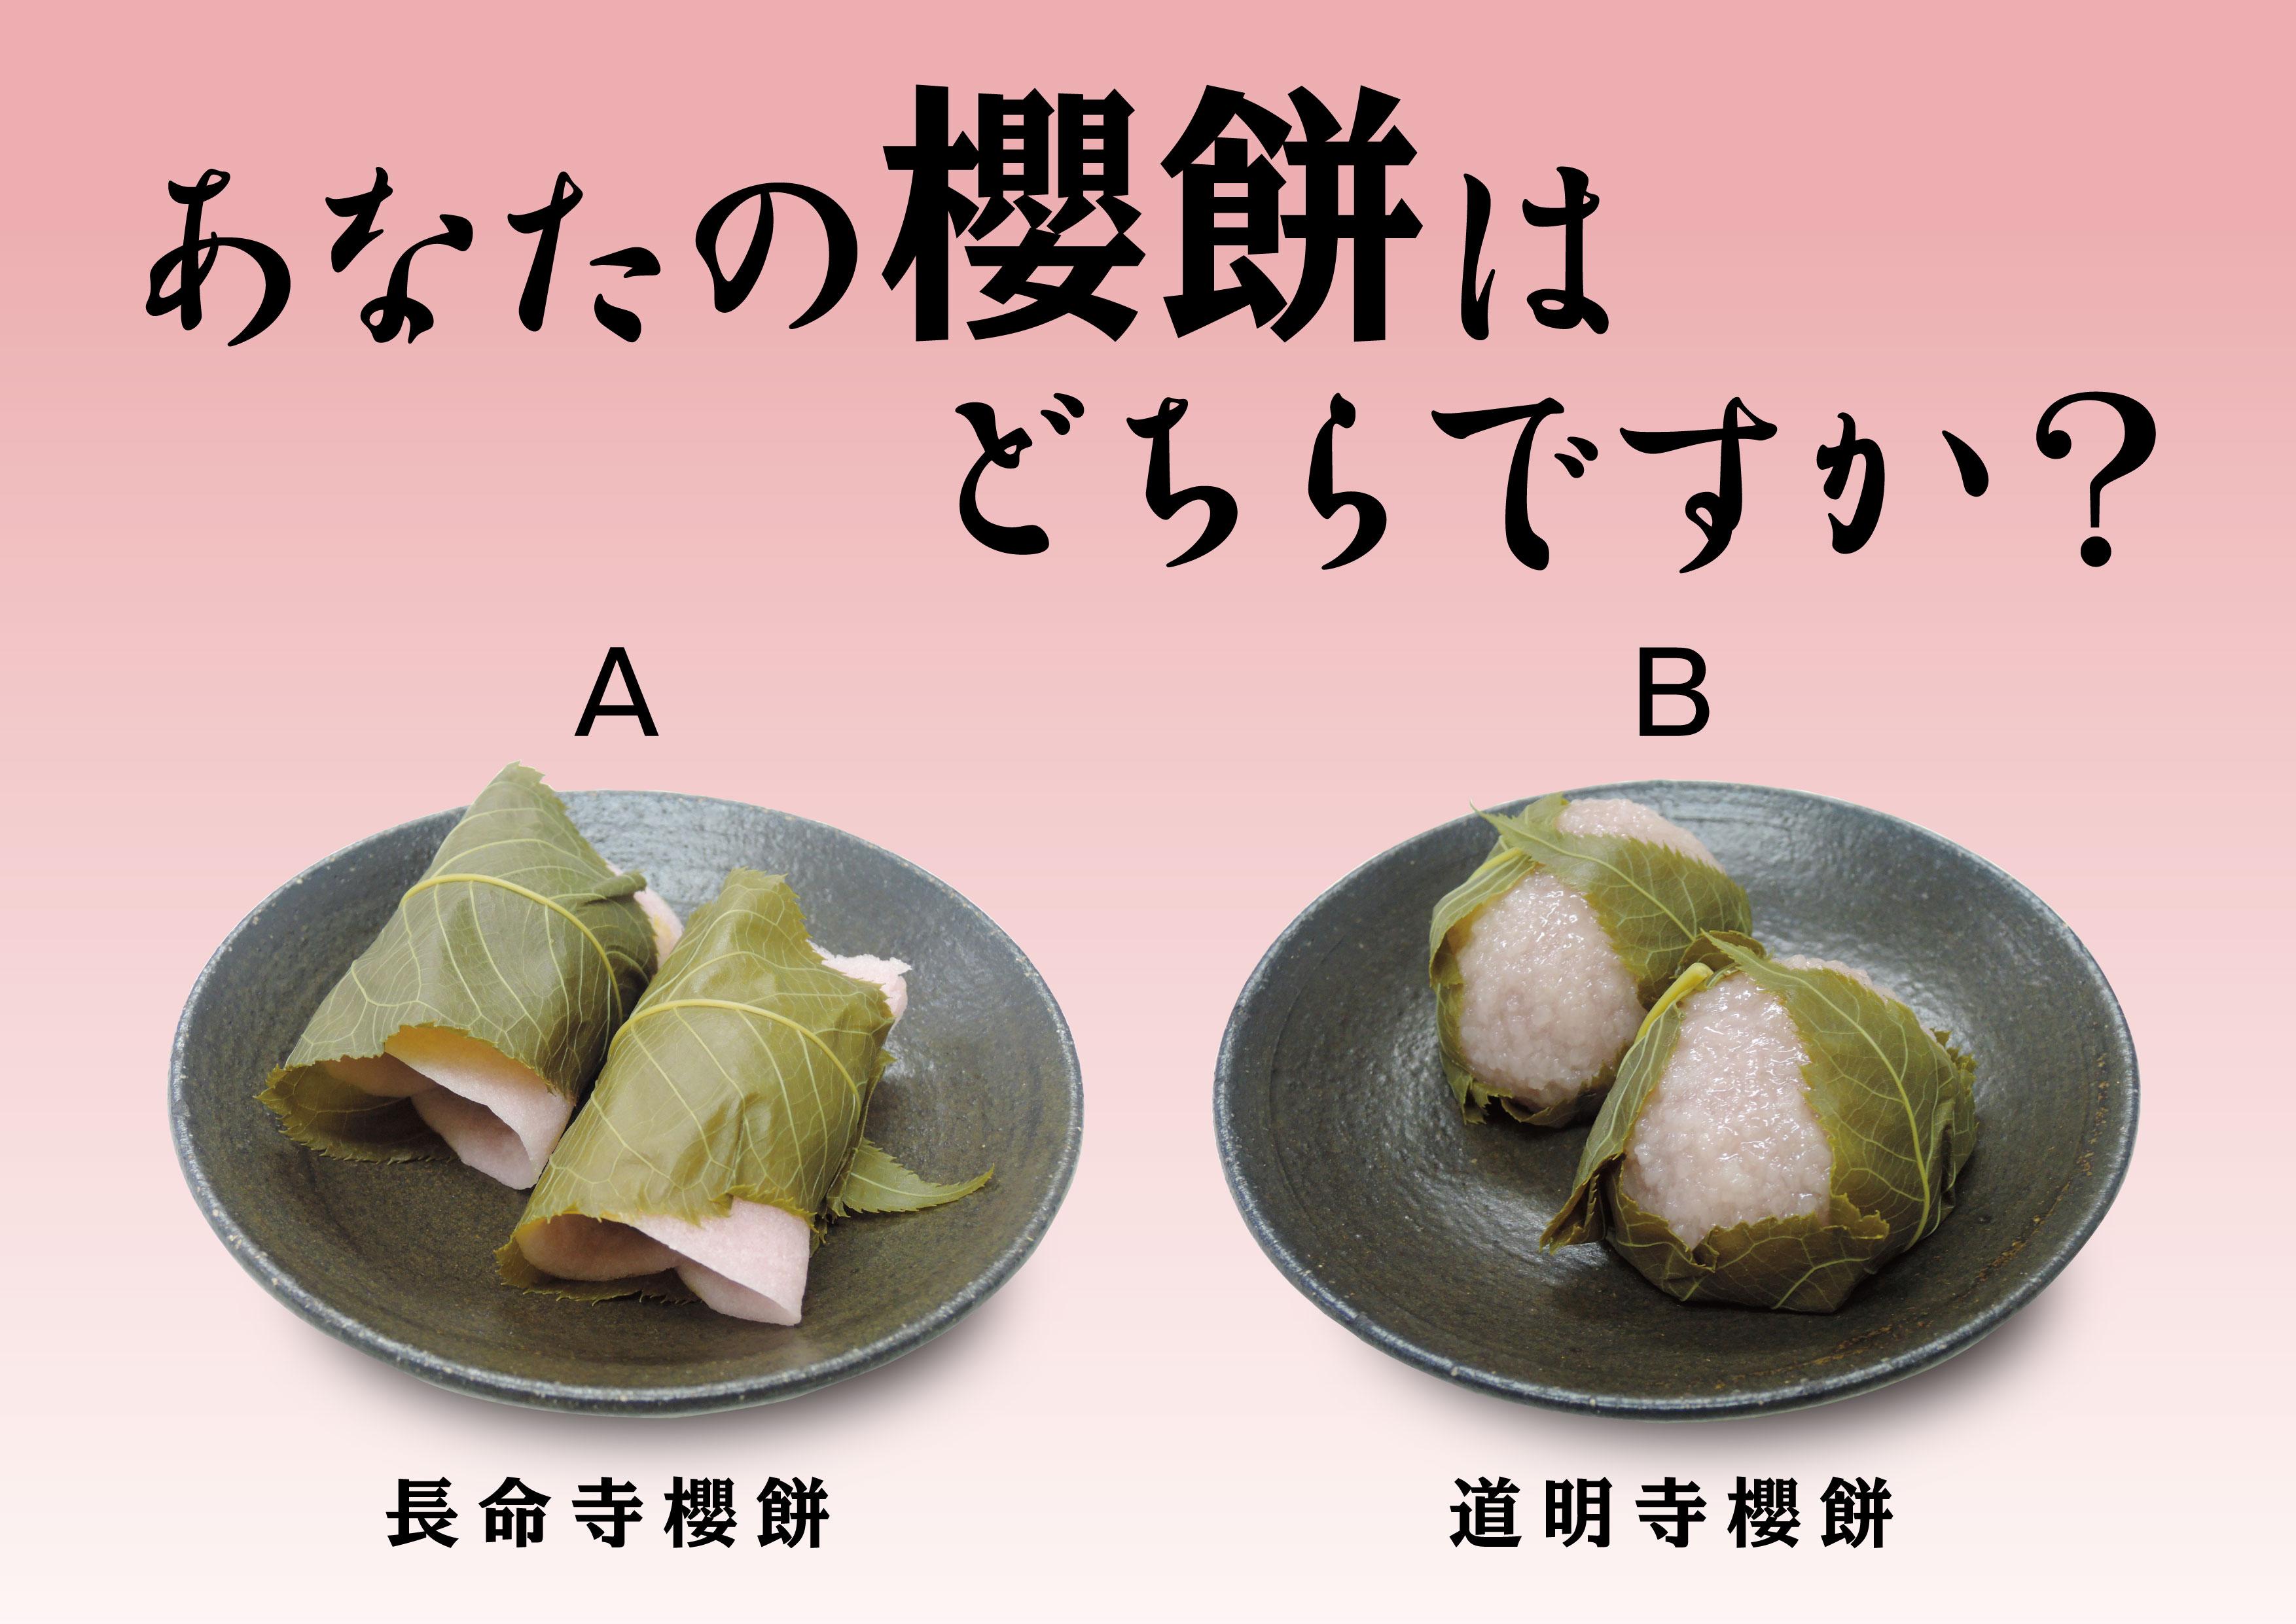 2つの櫻餅